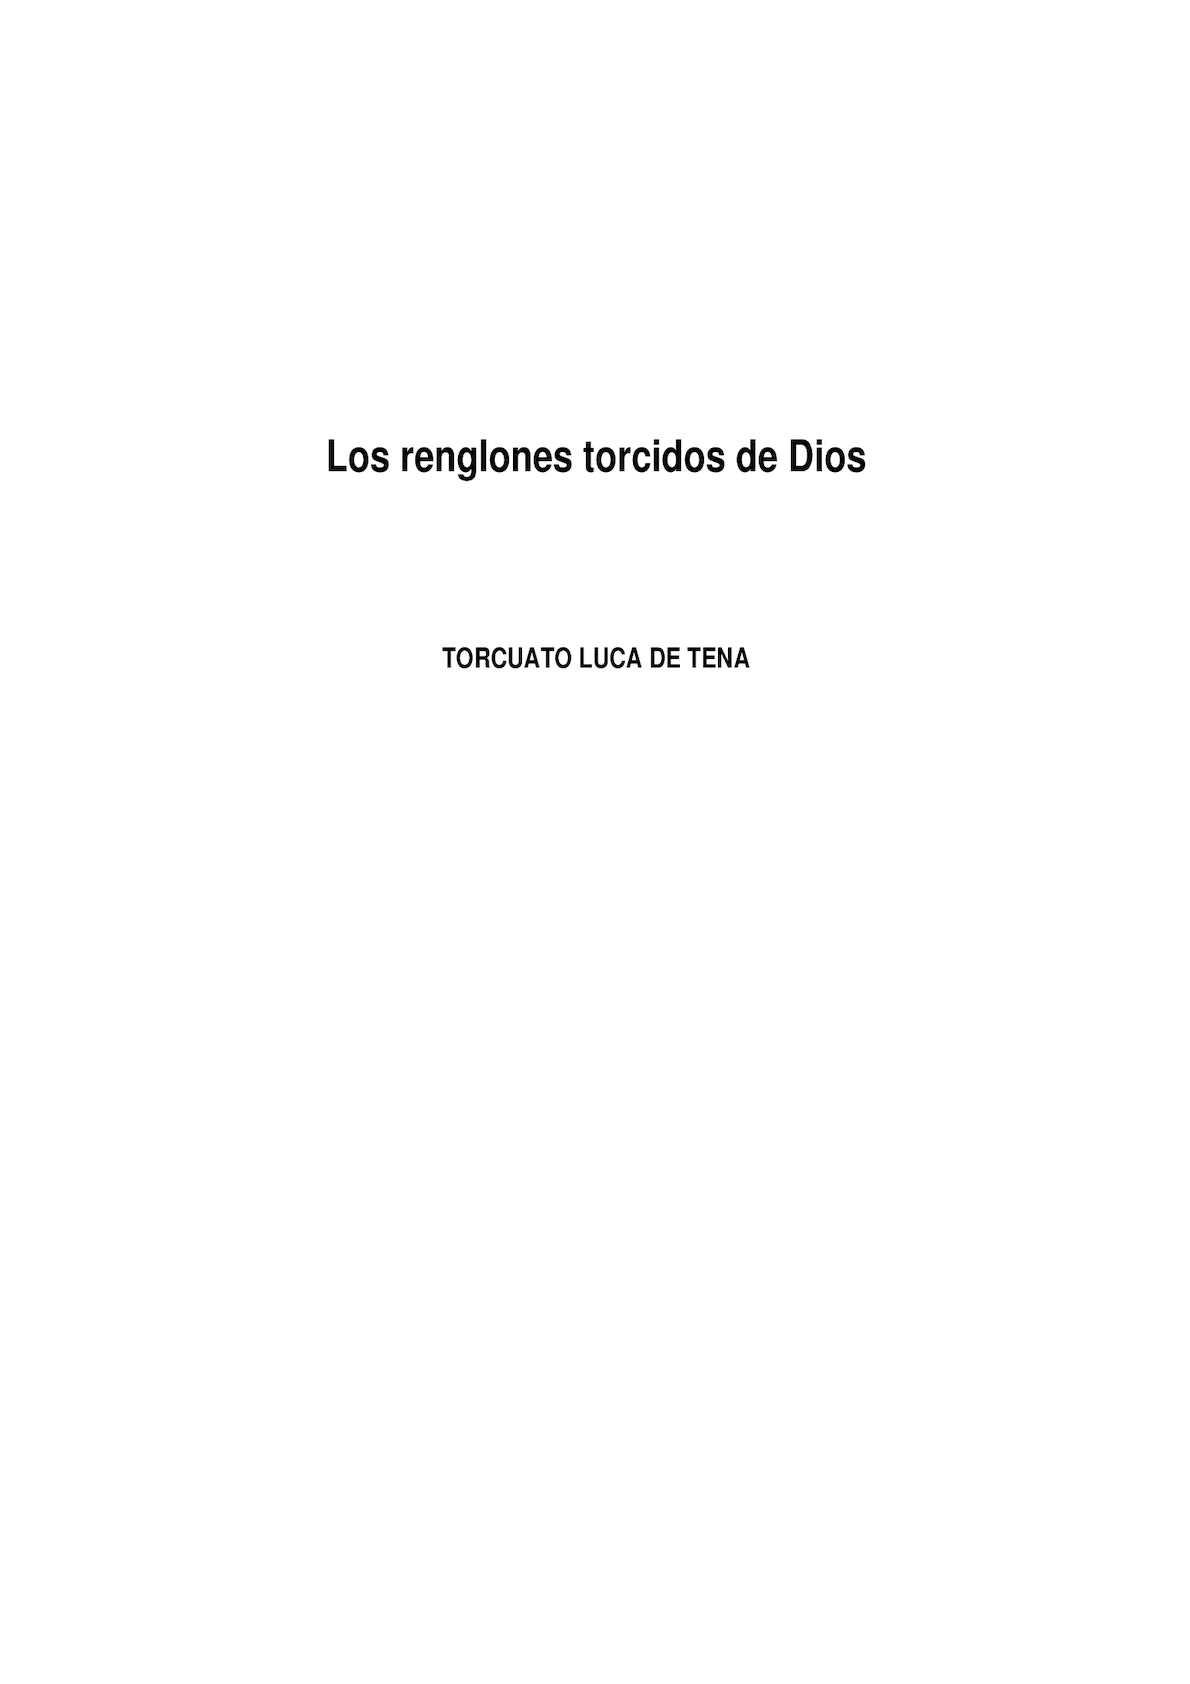 Fascinante Inicialmente Blanco  Calaméo - Luca De Tena Torcuato Los Renglones Torcidos De Dios